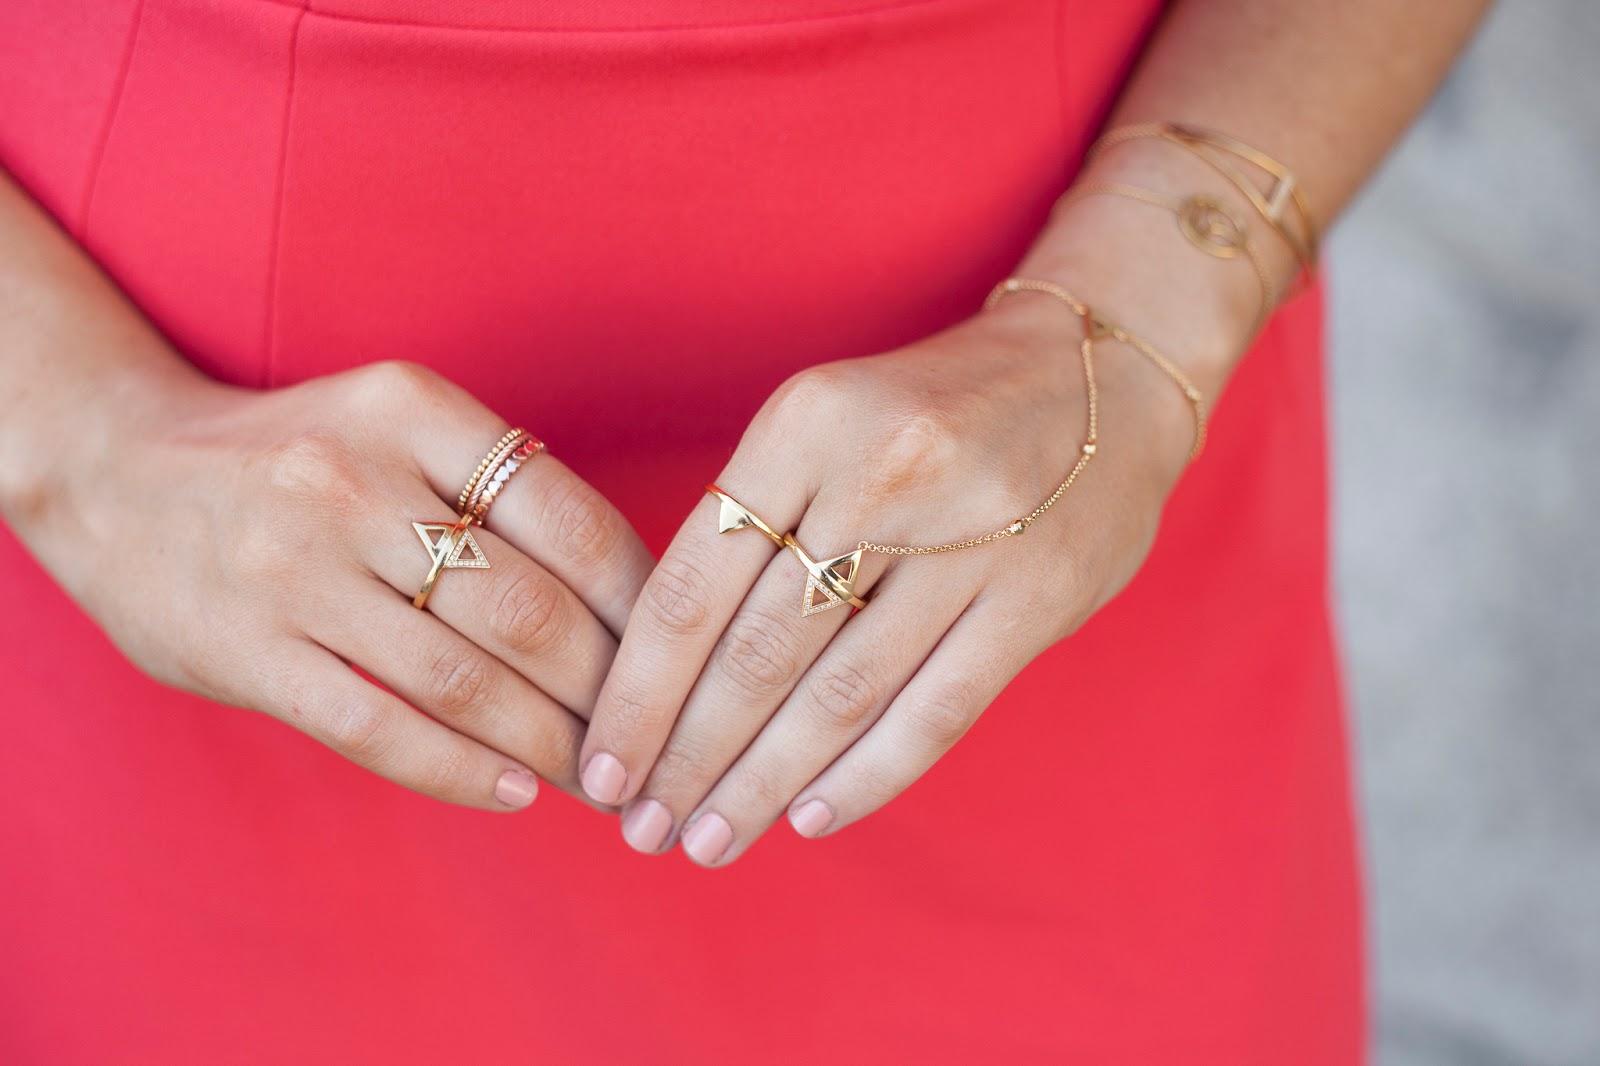 Thomas sabo wedding rings